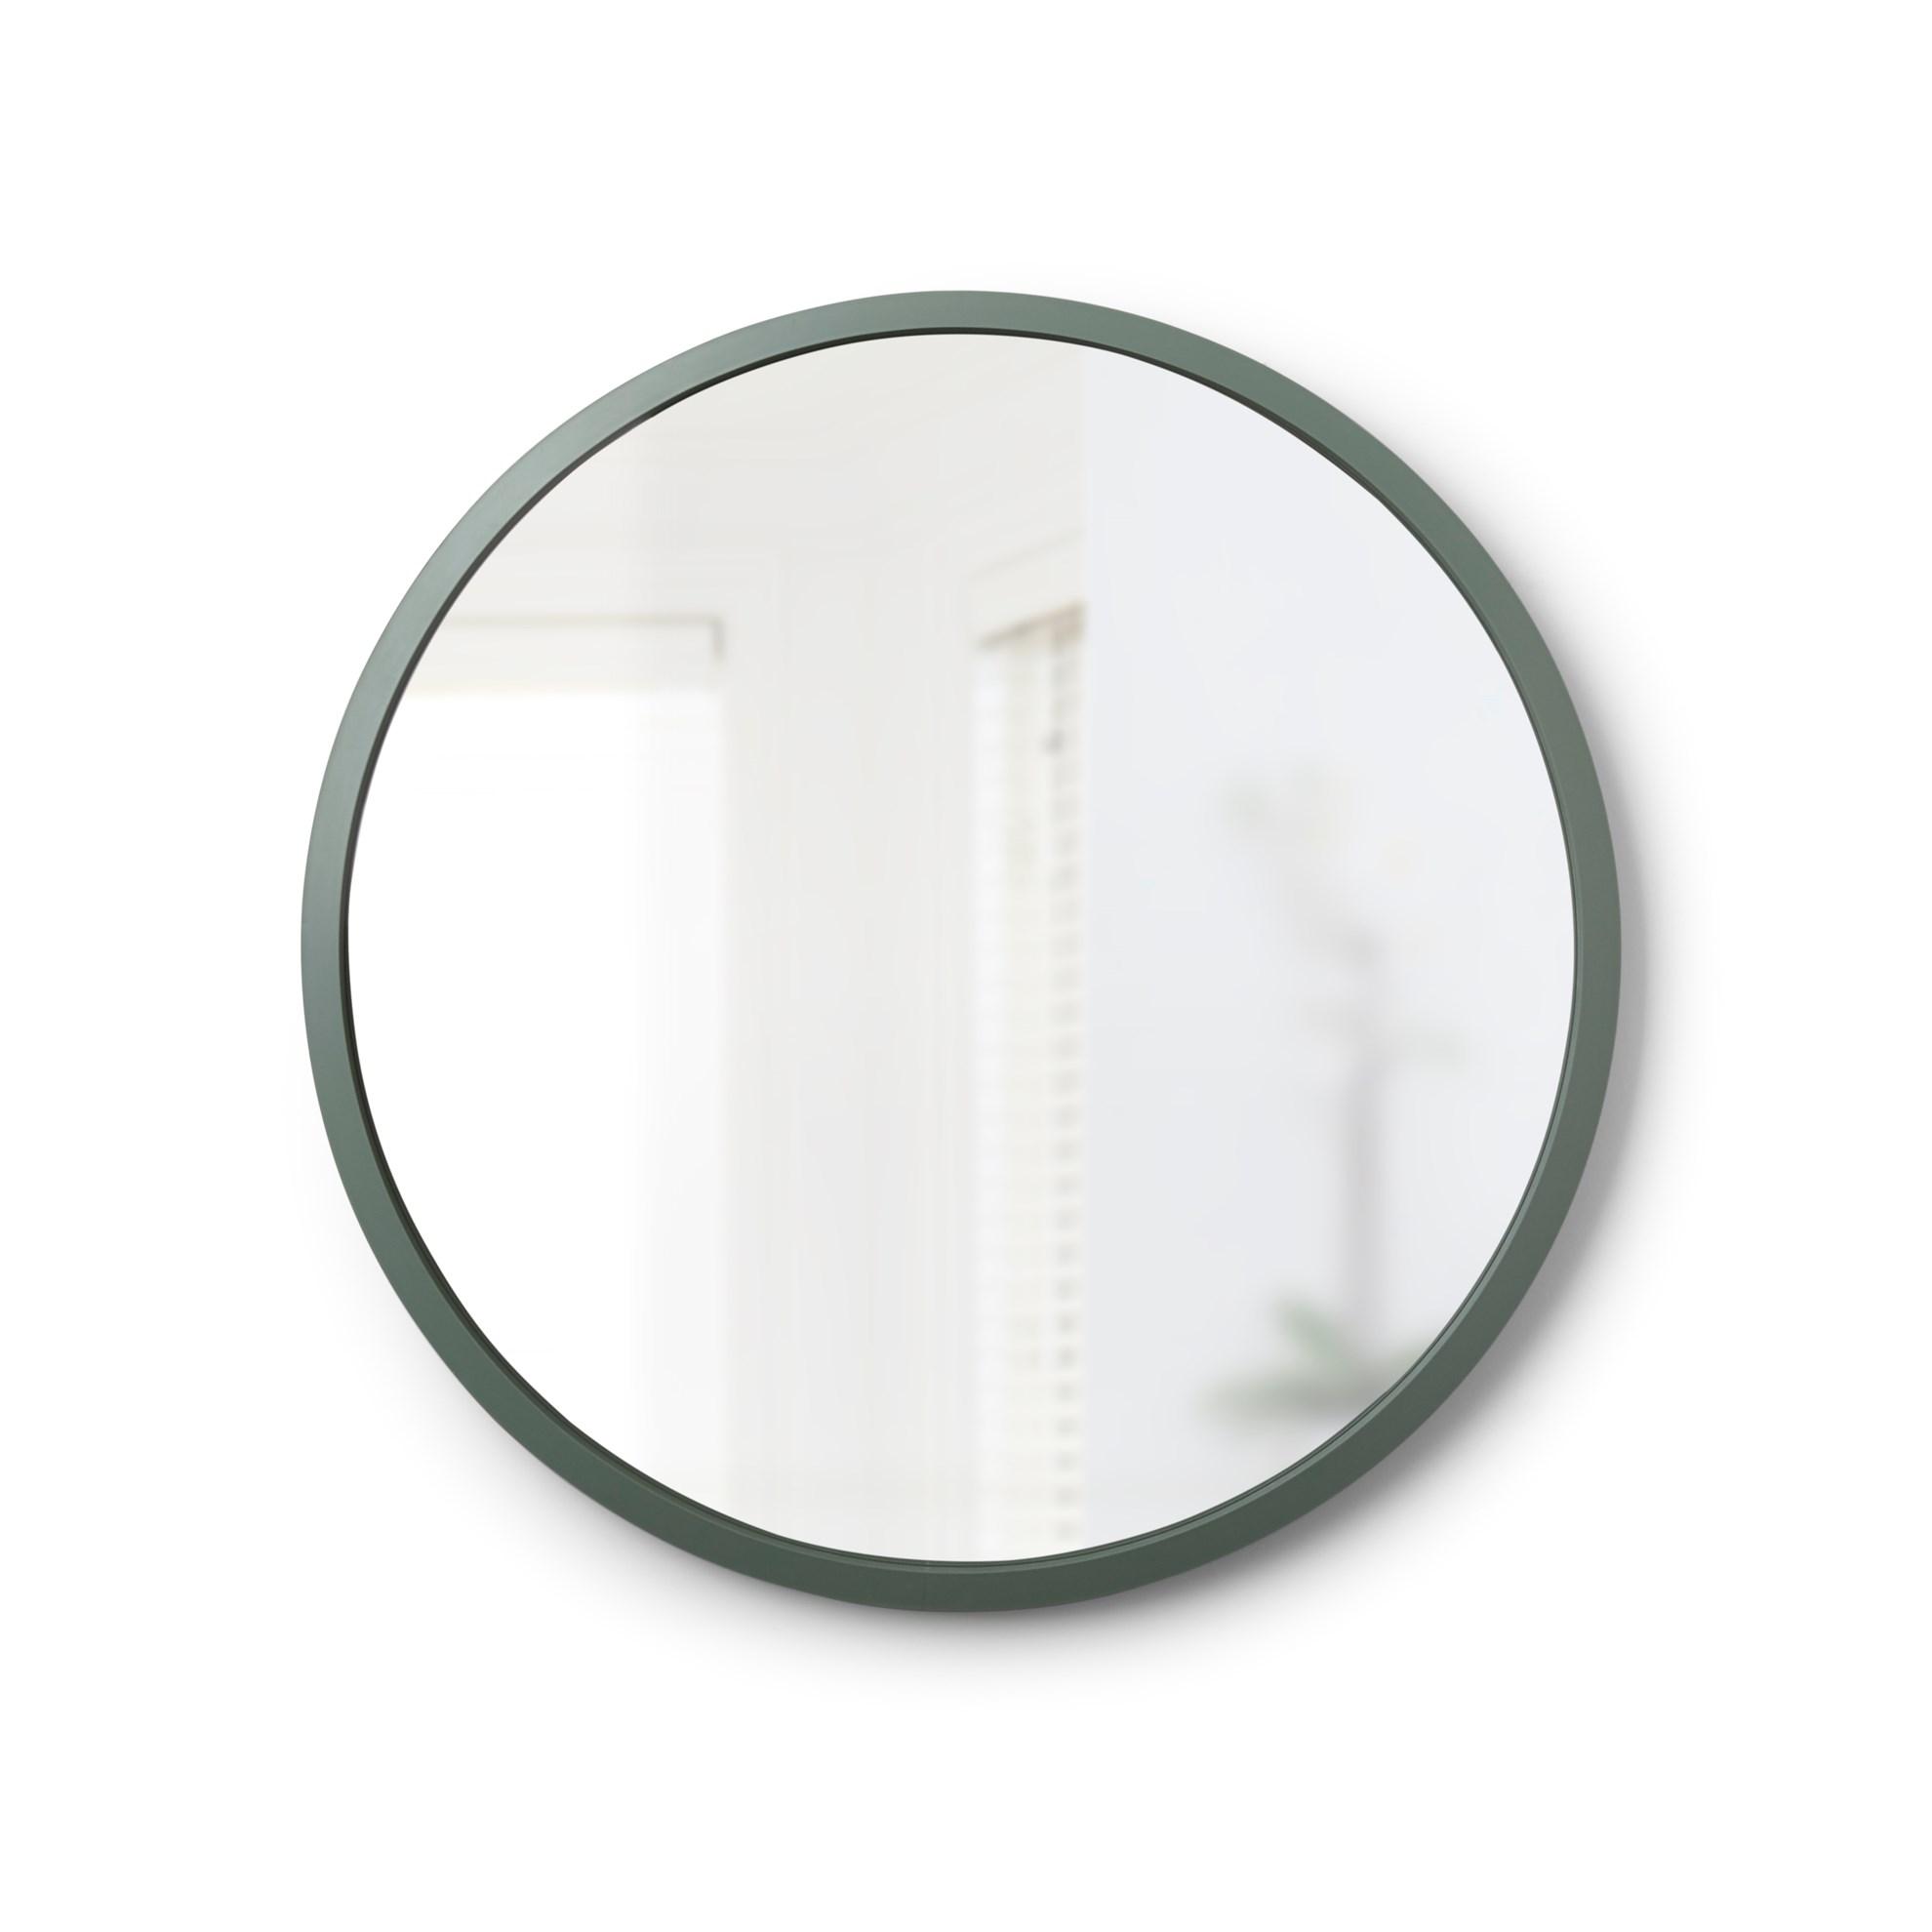 Zrcadlo HUB 61cm kouřové_1